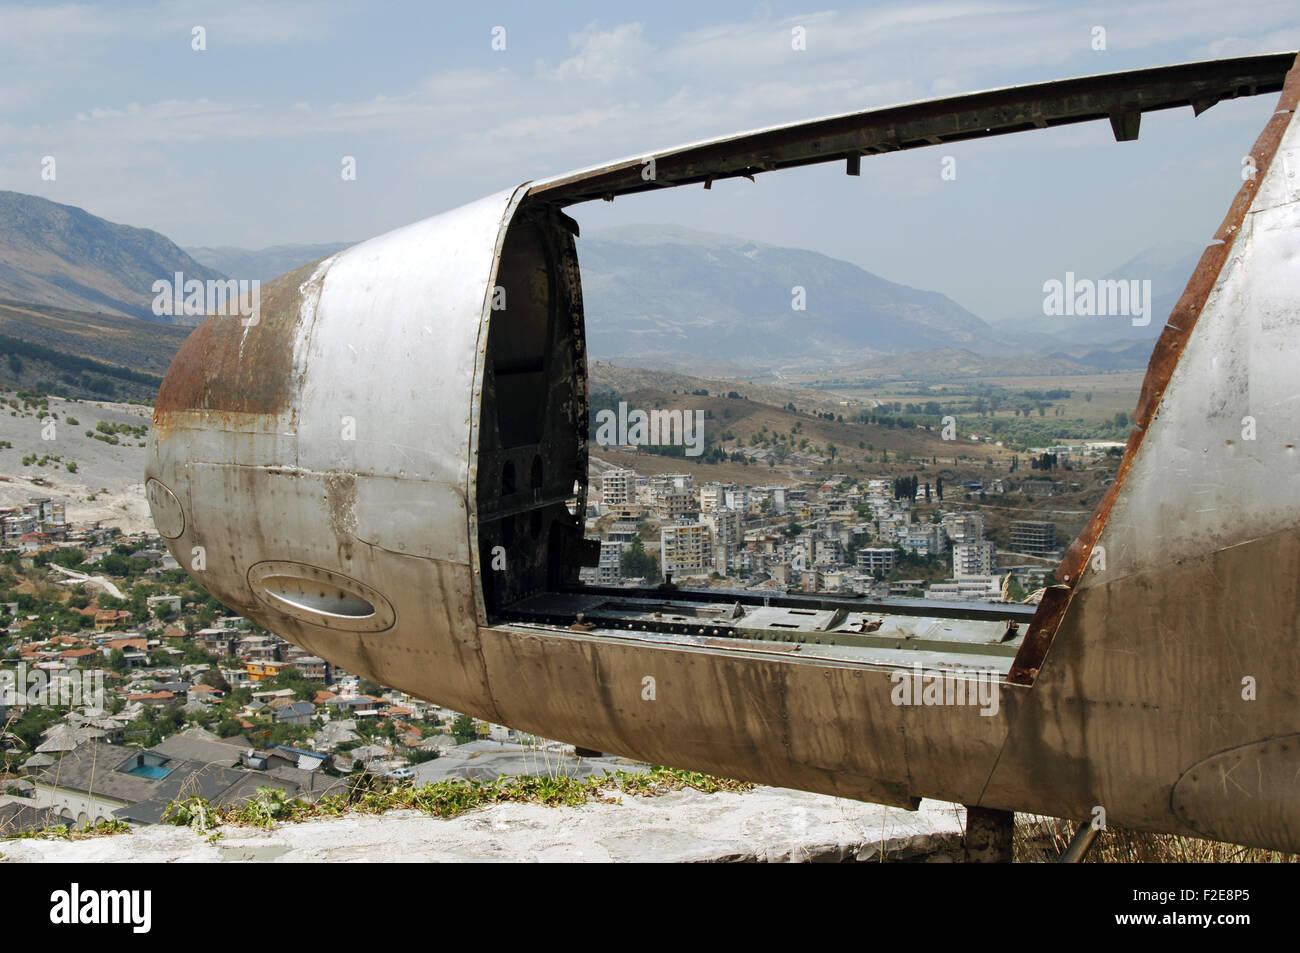 Albania. Gjirokastra vistos a través de la cabina del avión de la fuerza aérea estadounidense que Imagen De Stock